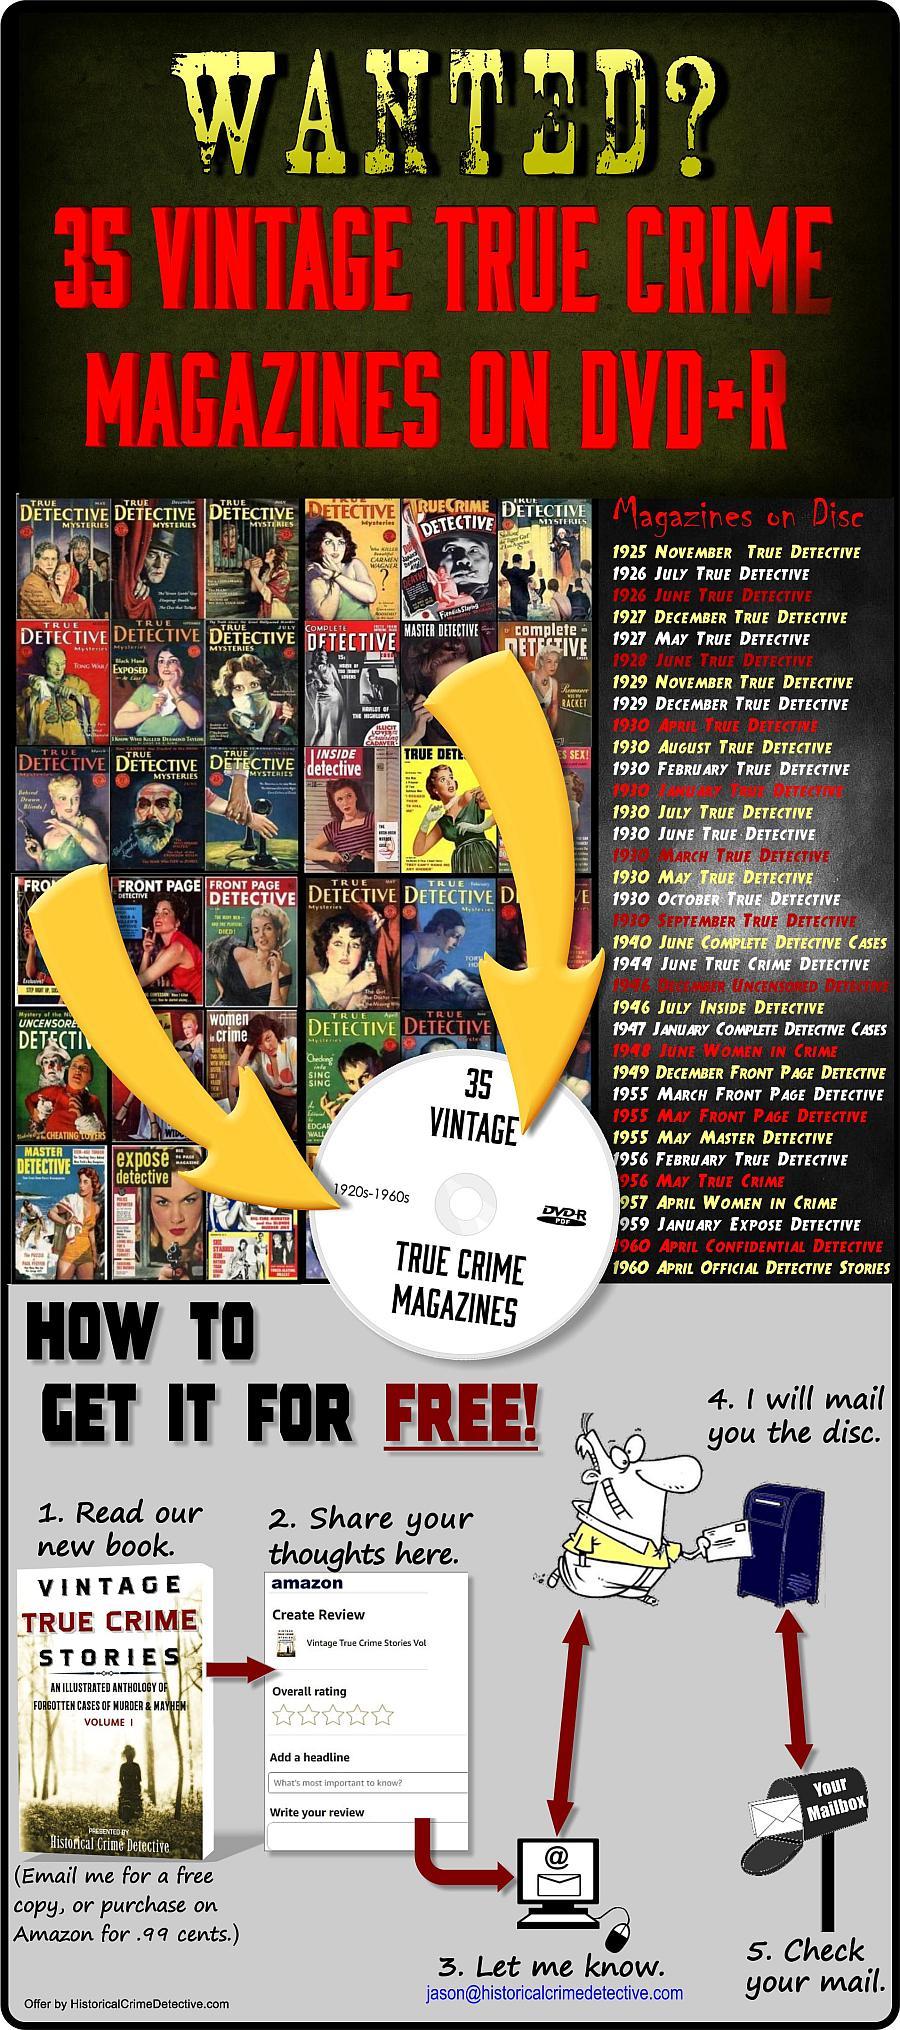 free true crime magazines